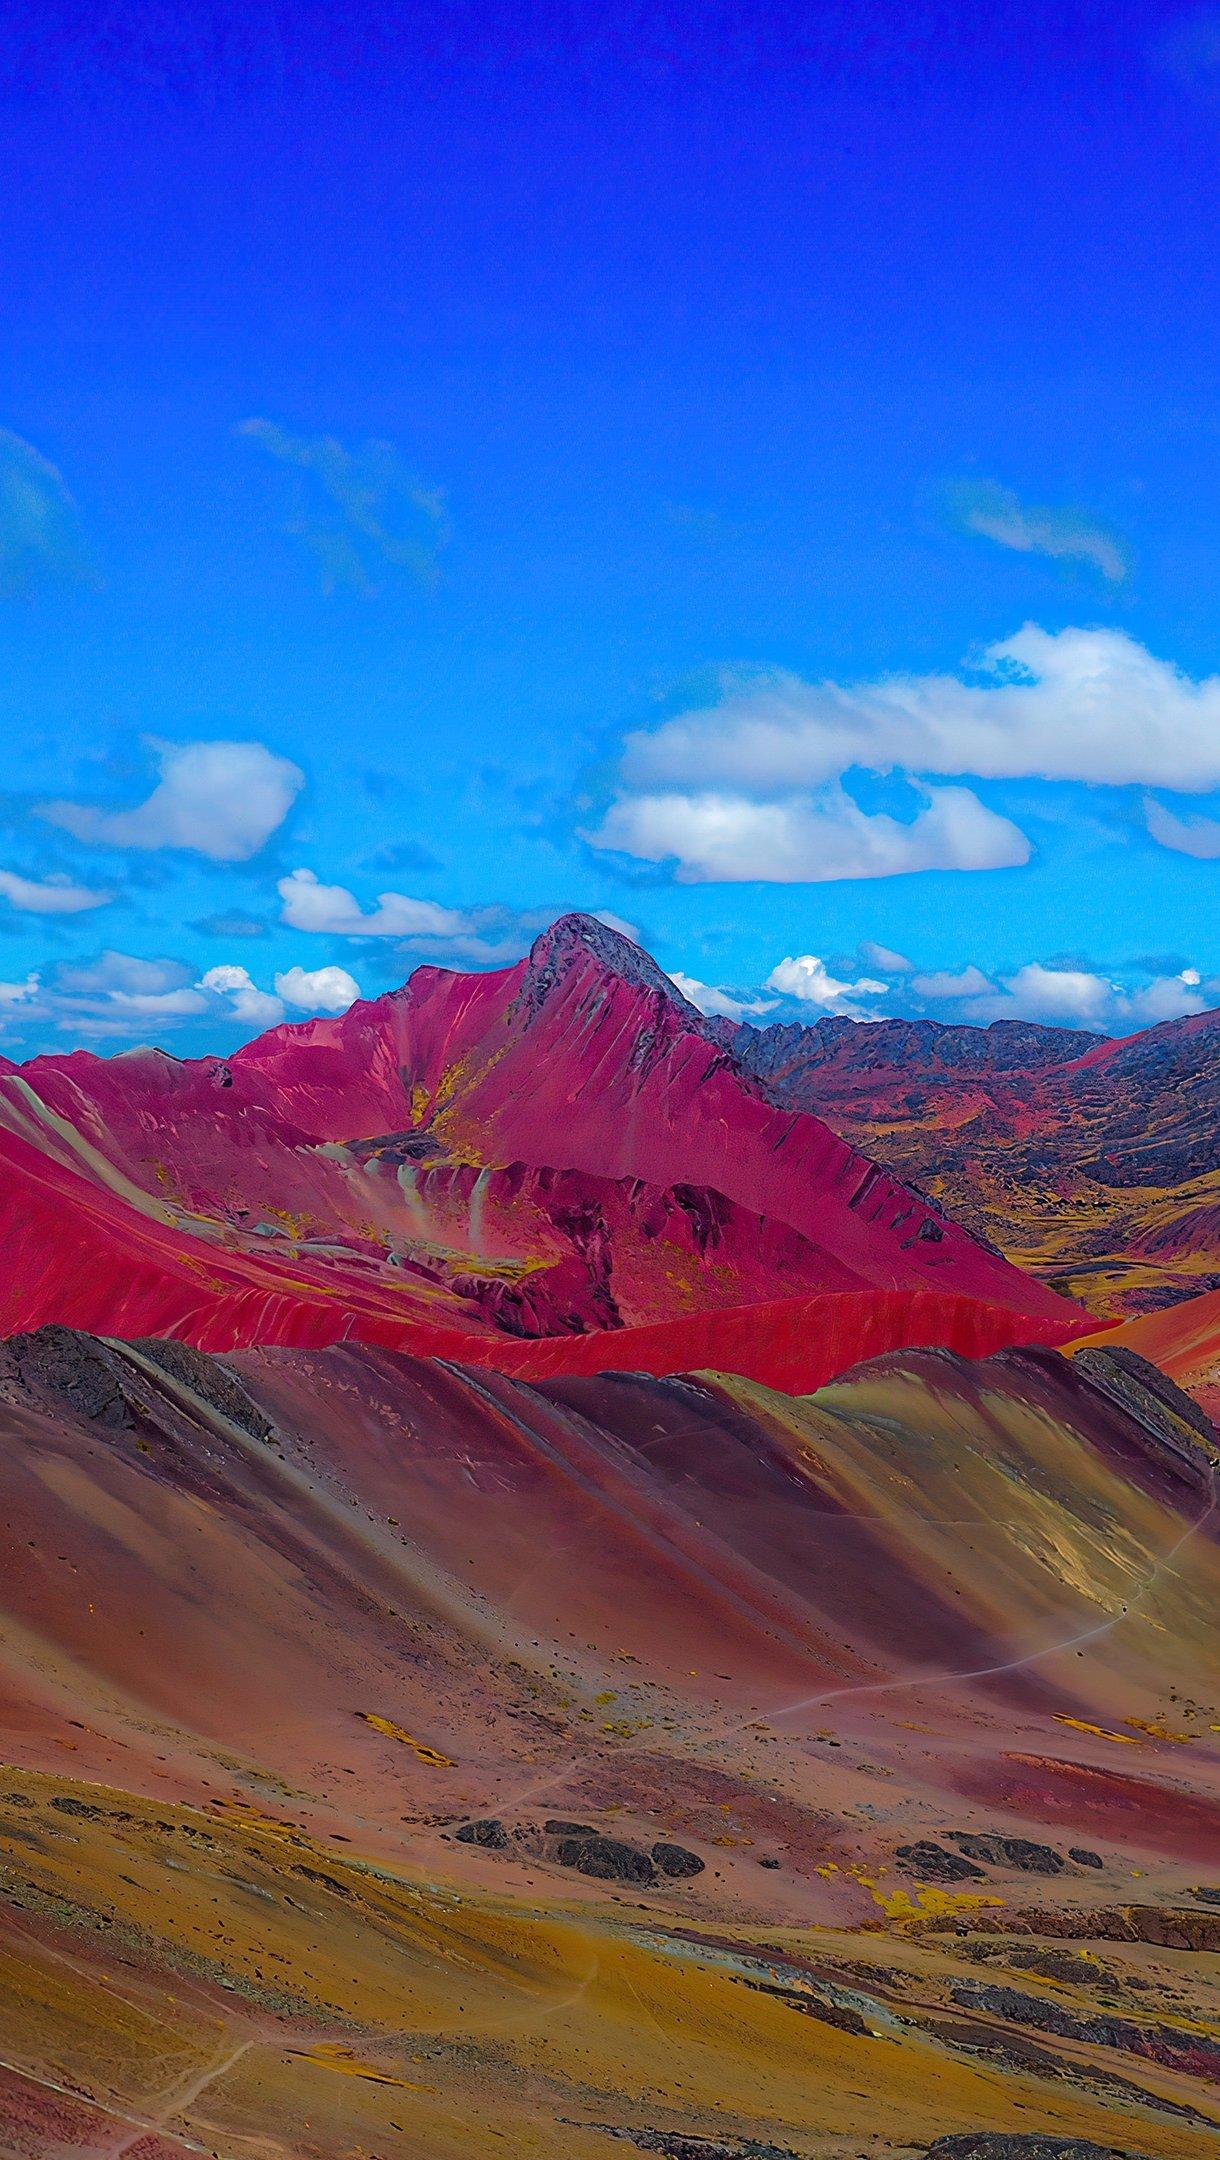 Fondos de pantalla Montañas de arcoíris en Perú Vertical